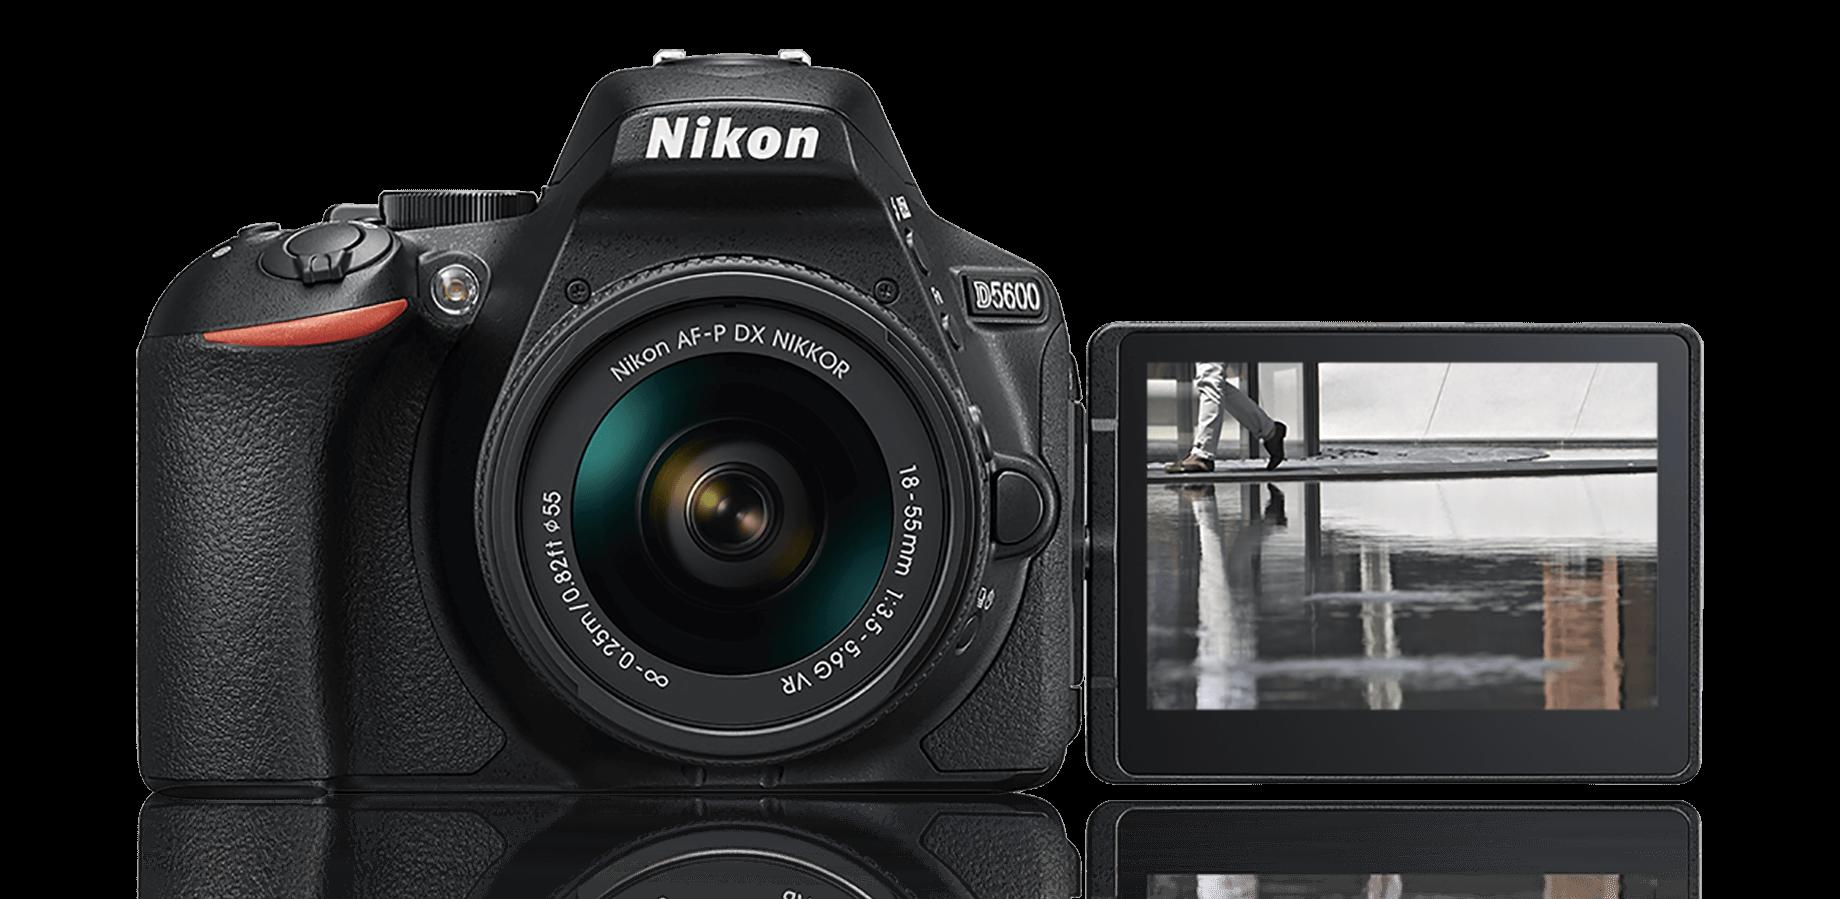 Kết quả hình ảnh cho Nikon  D5600